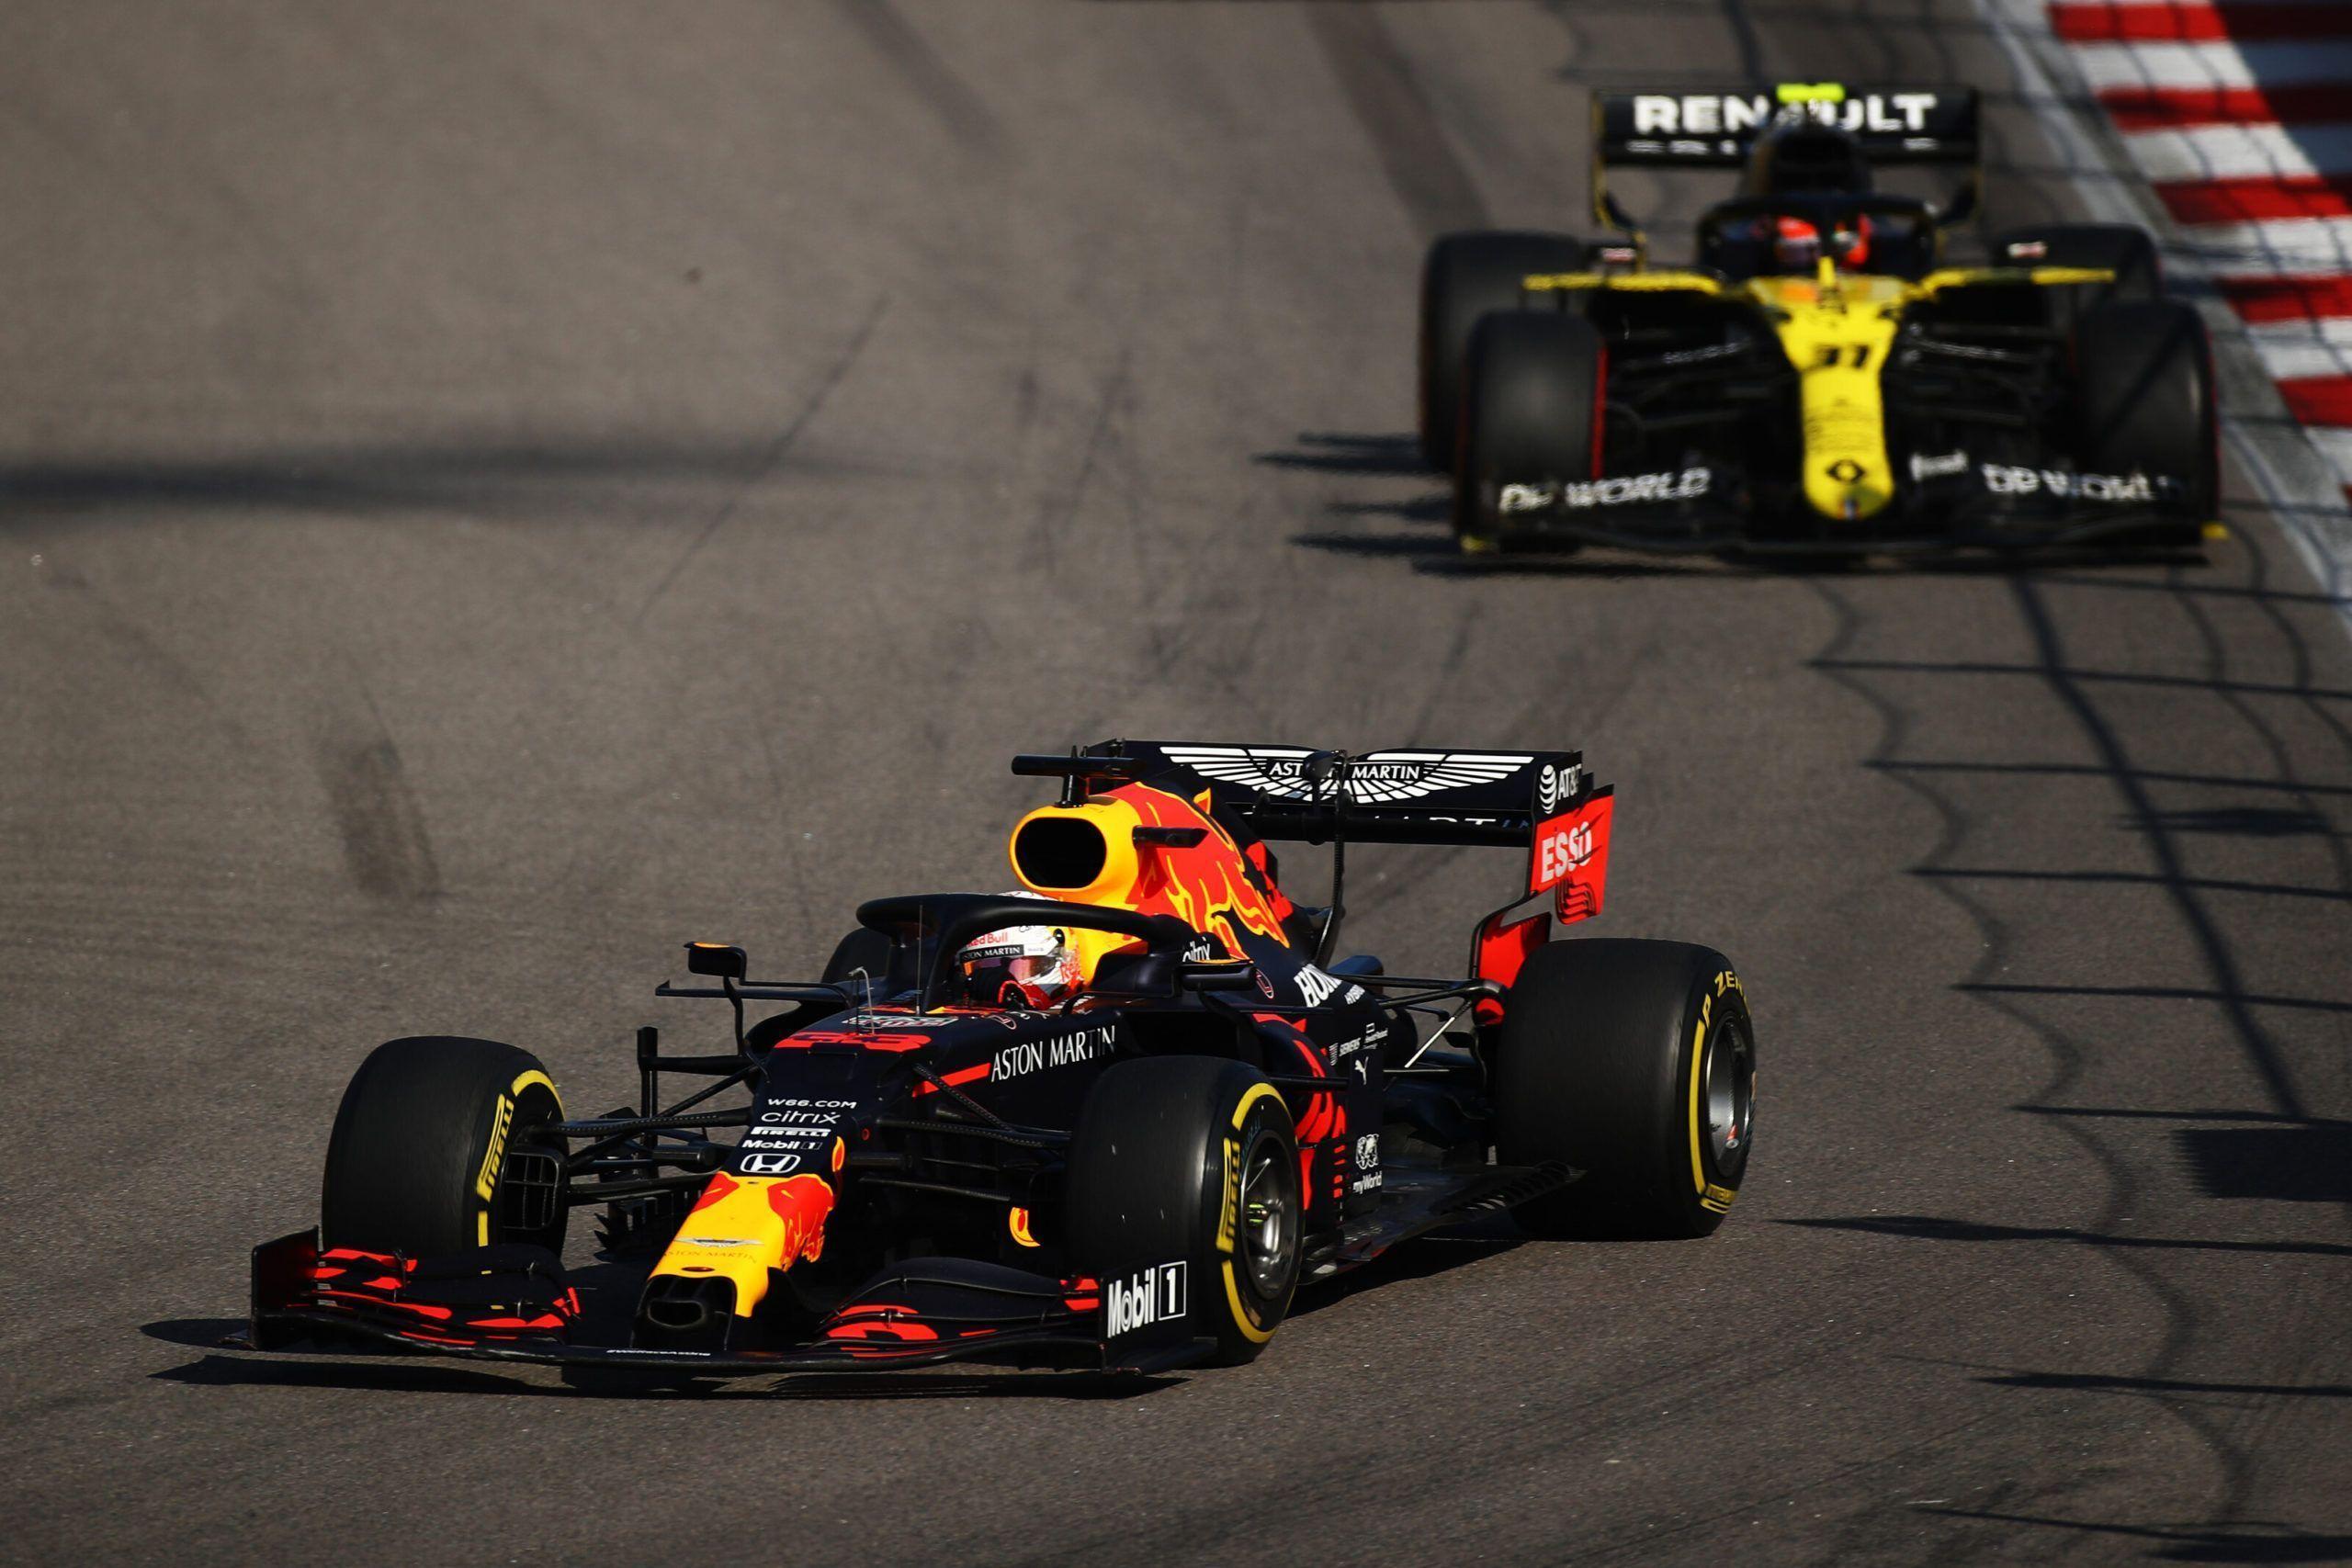 Christian Horner, Red Bull, Honda, Renault